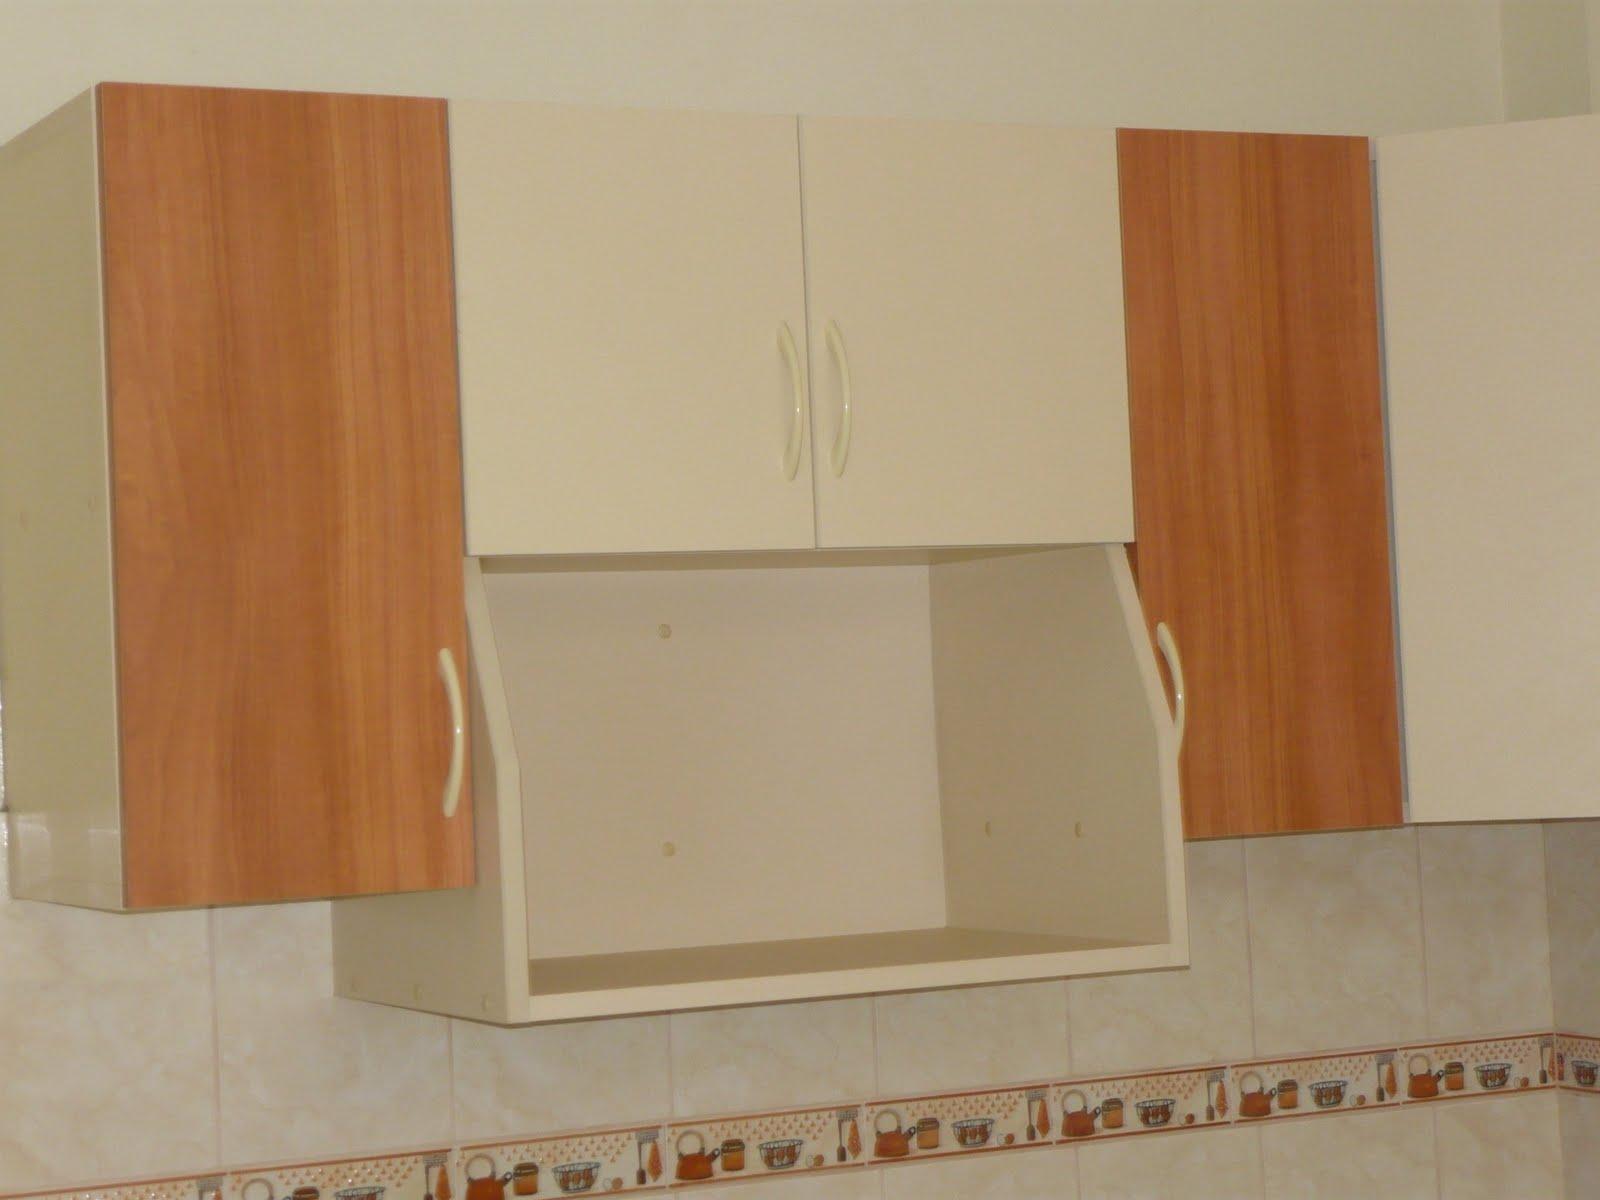 Fabricaci n de los tableros de melamina web del for Software para fabricar muebles de melamina